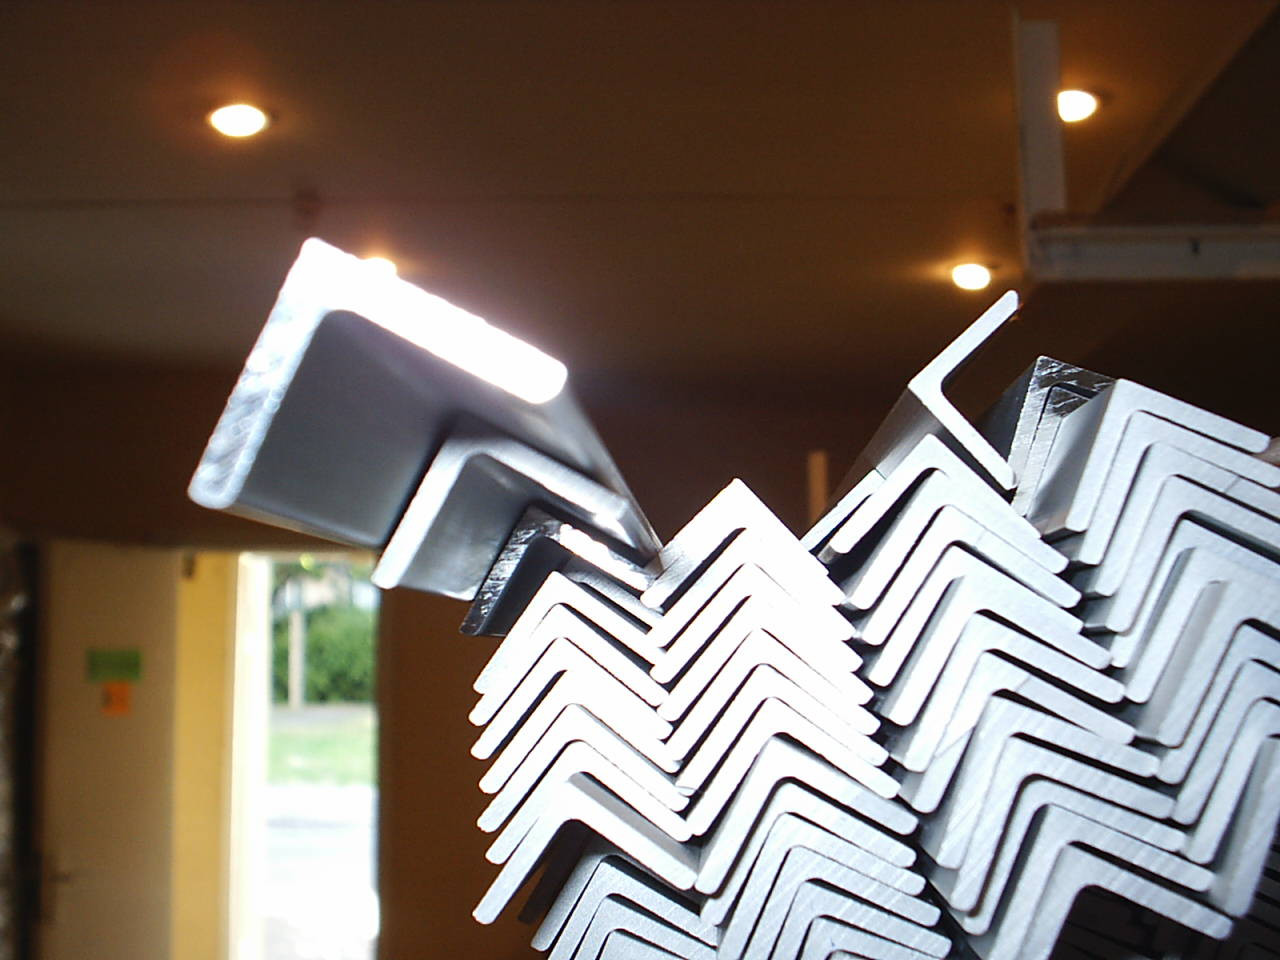 Алюмінієвий профіль, куточок анод 25x25x1,5, 20x20x1,5, 20x20x2, 15x15x1,5, 10x10x1, 25x25x2, 15x15x1, 10x10x2